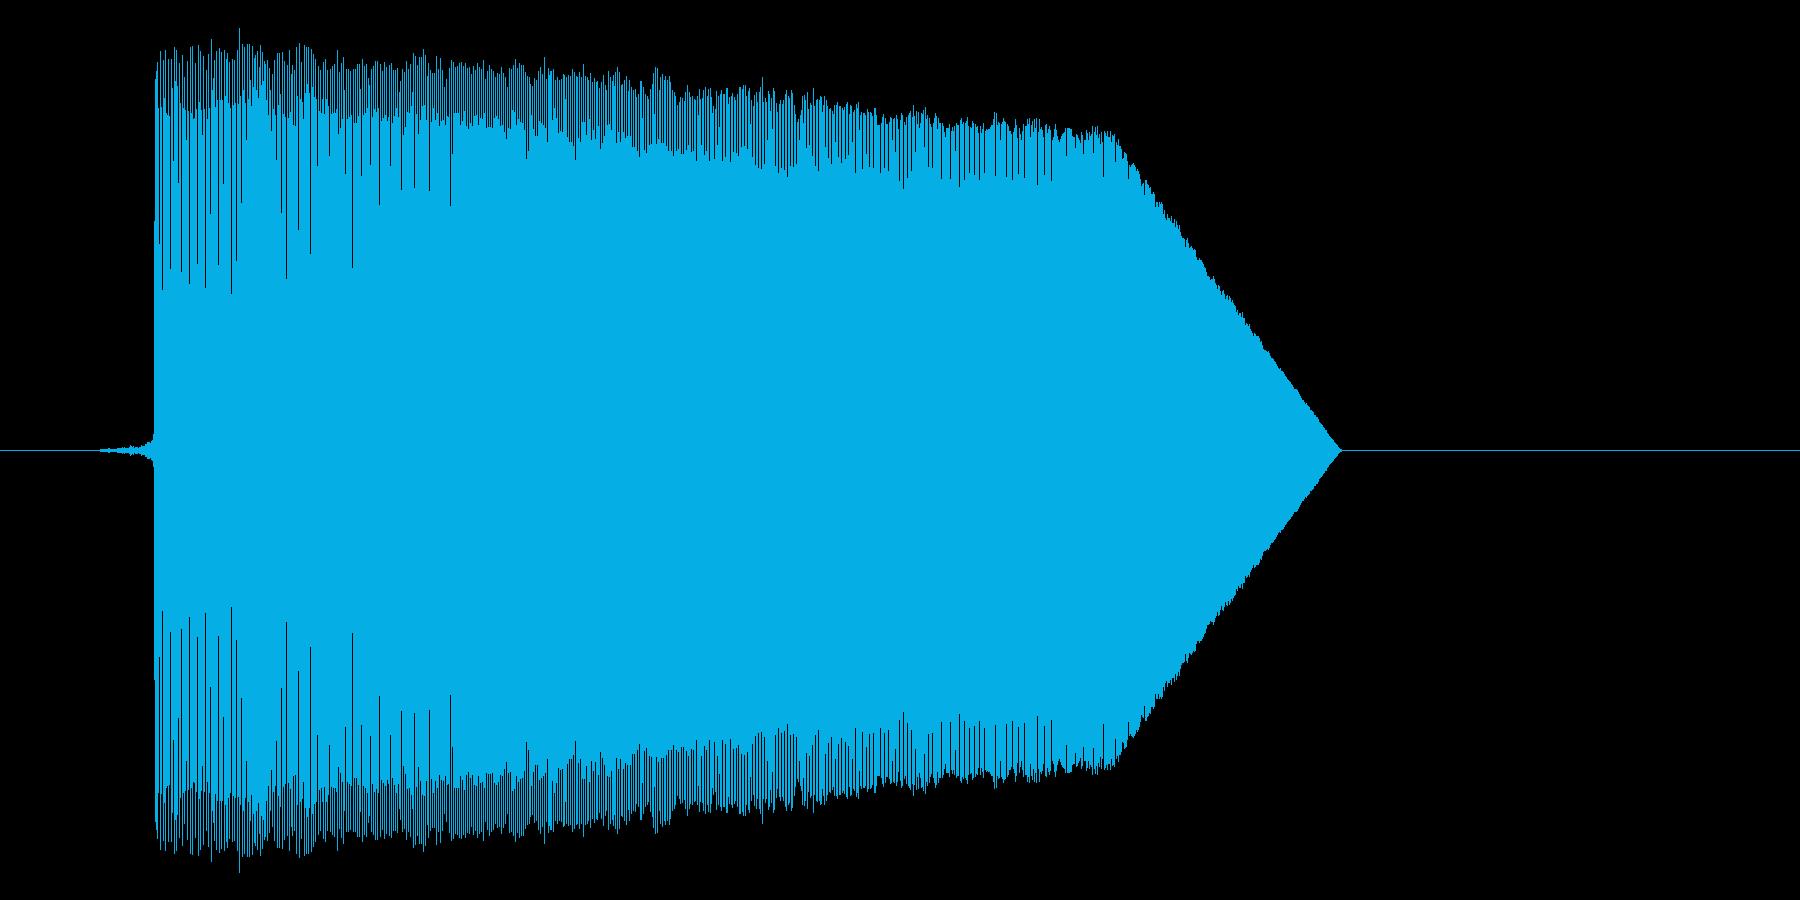 ゲーム(ファミコン風)ジャンプ音_025の再生済みの波形